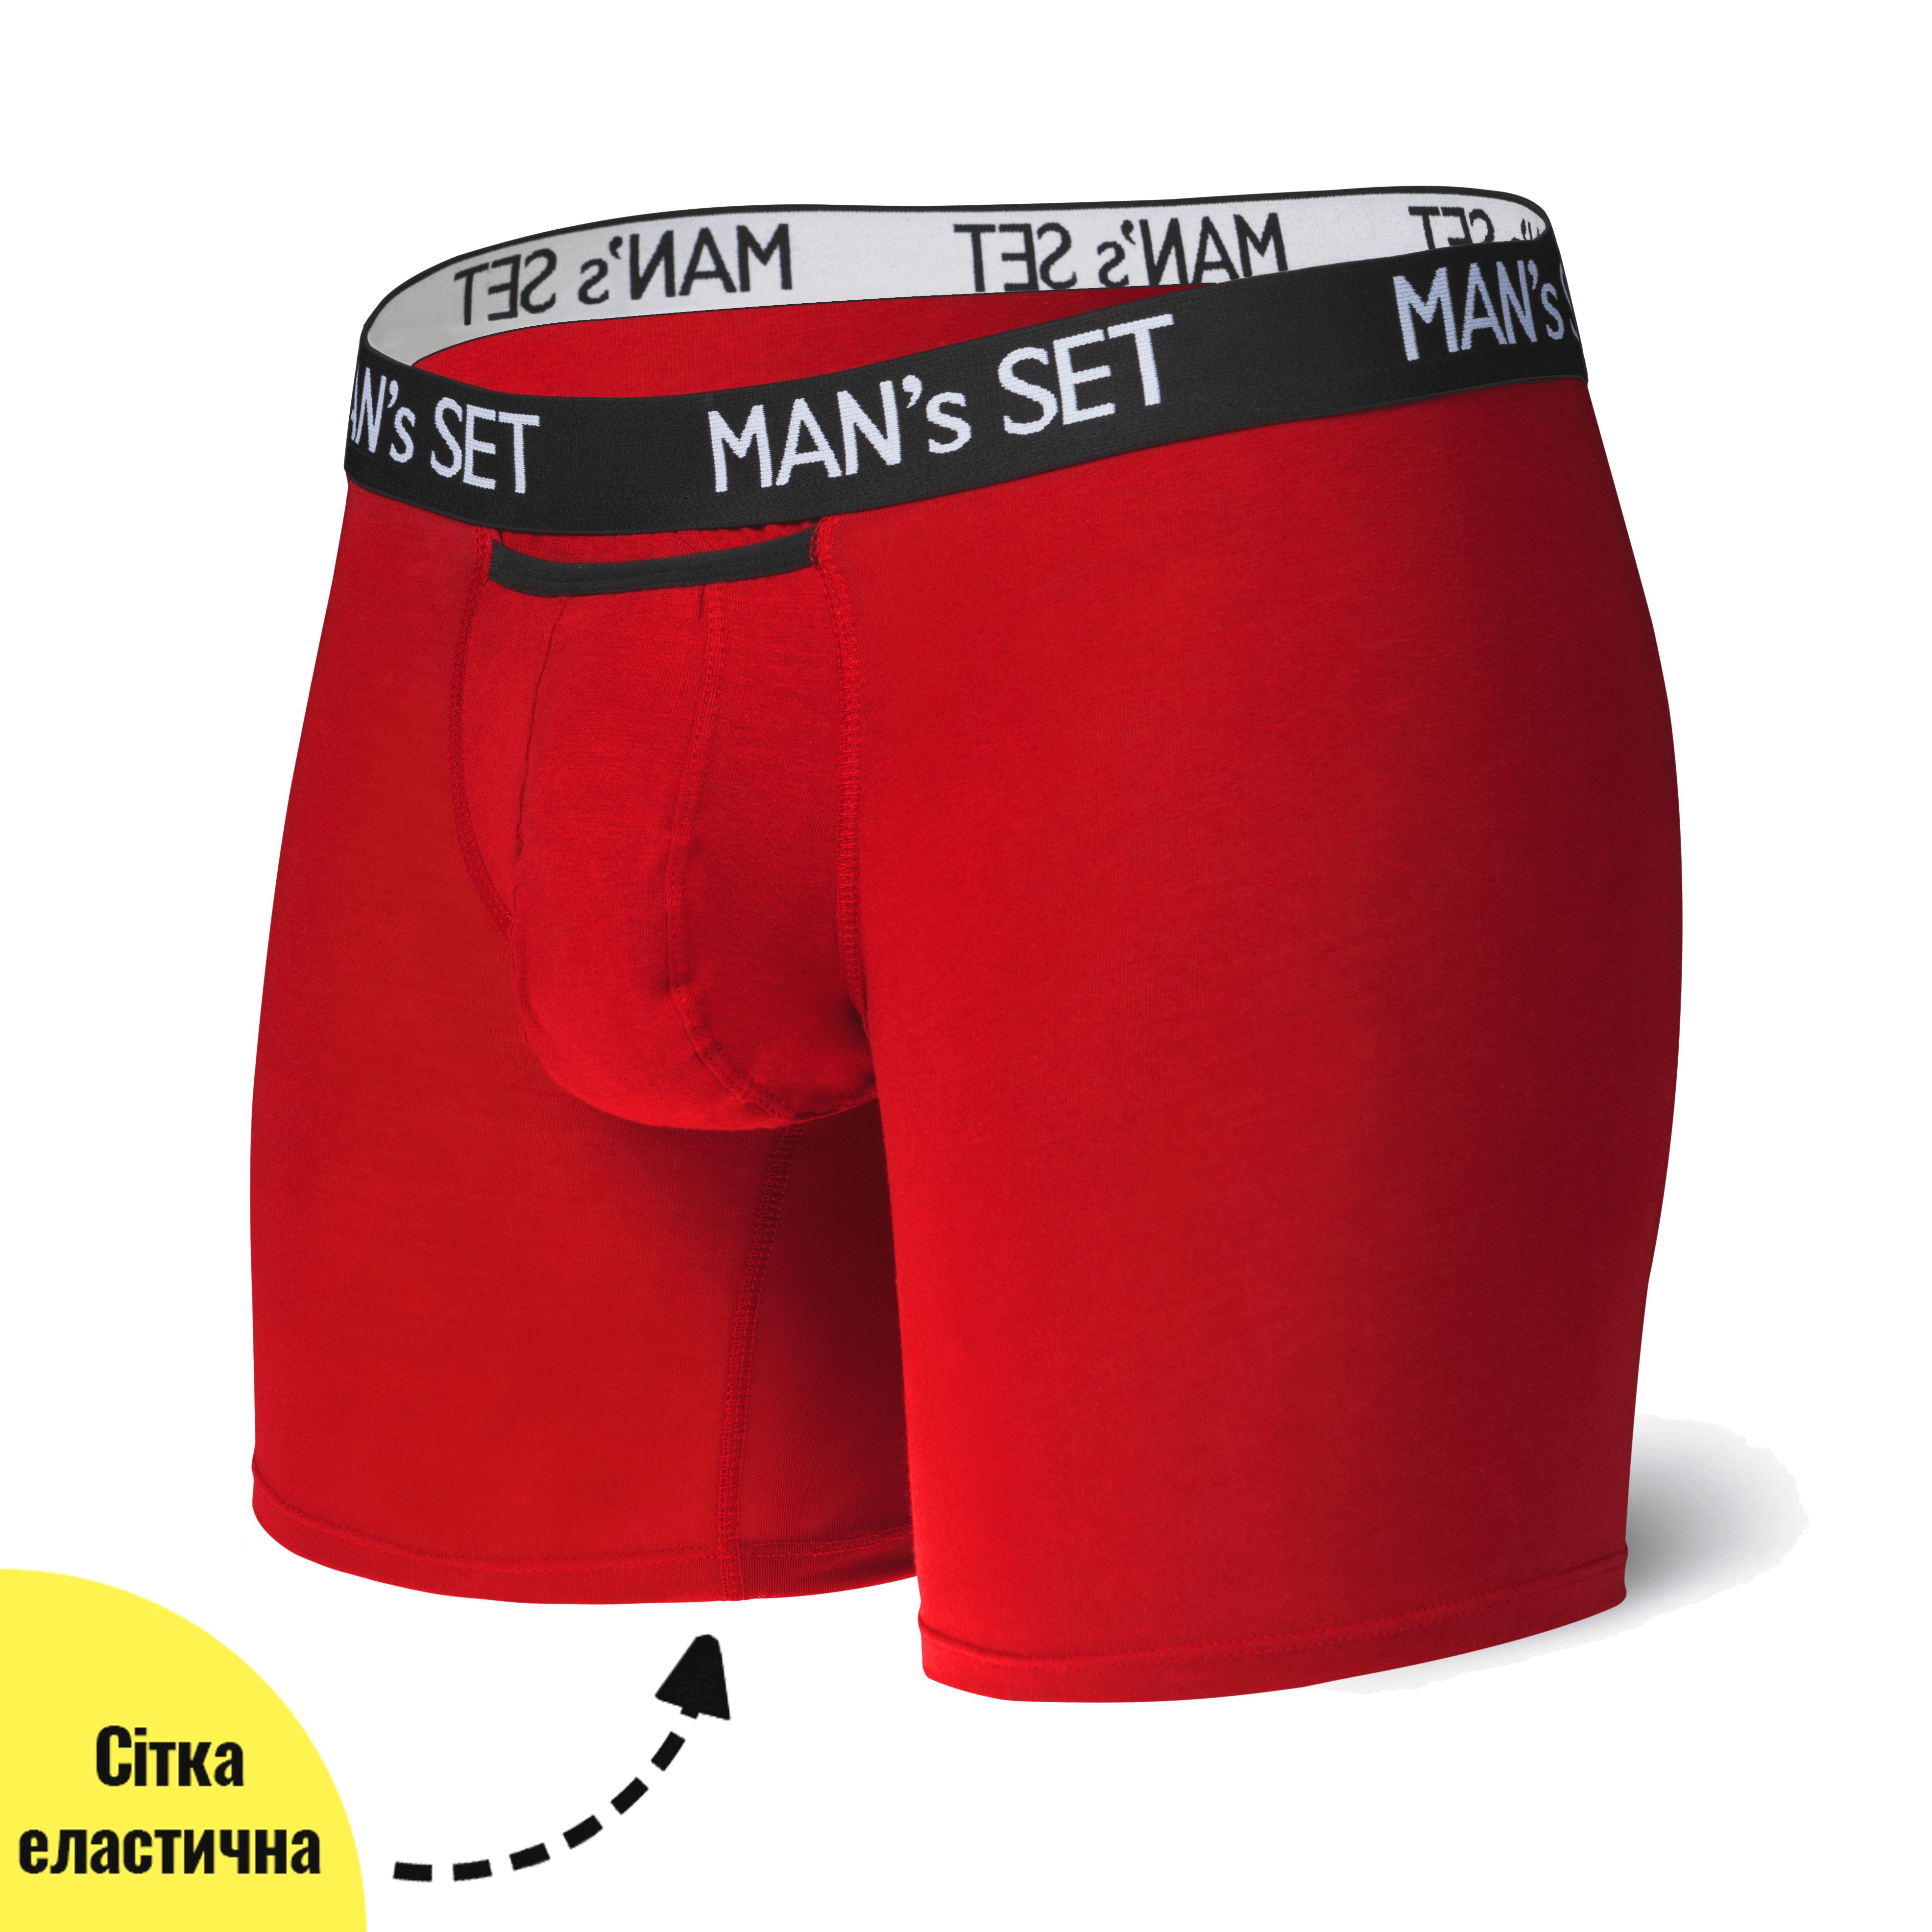 Анатомические боксеры с сеткой Long Light, красный MansSet